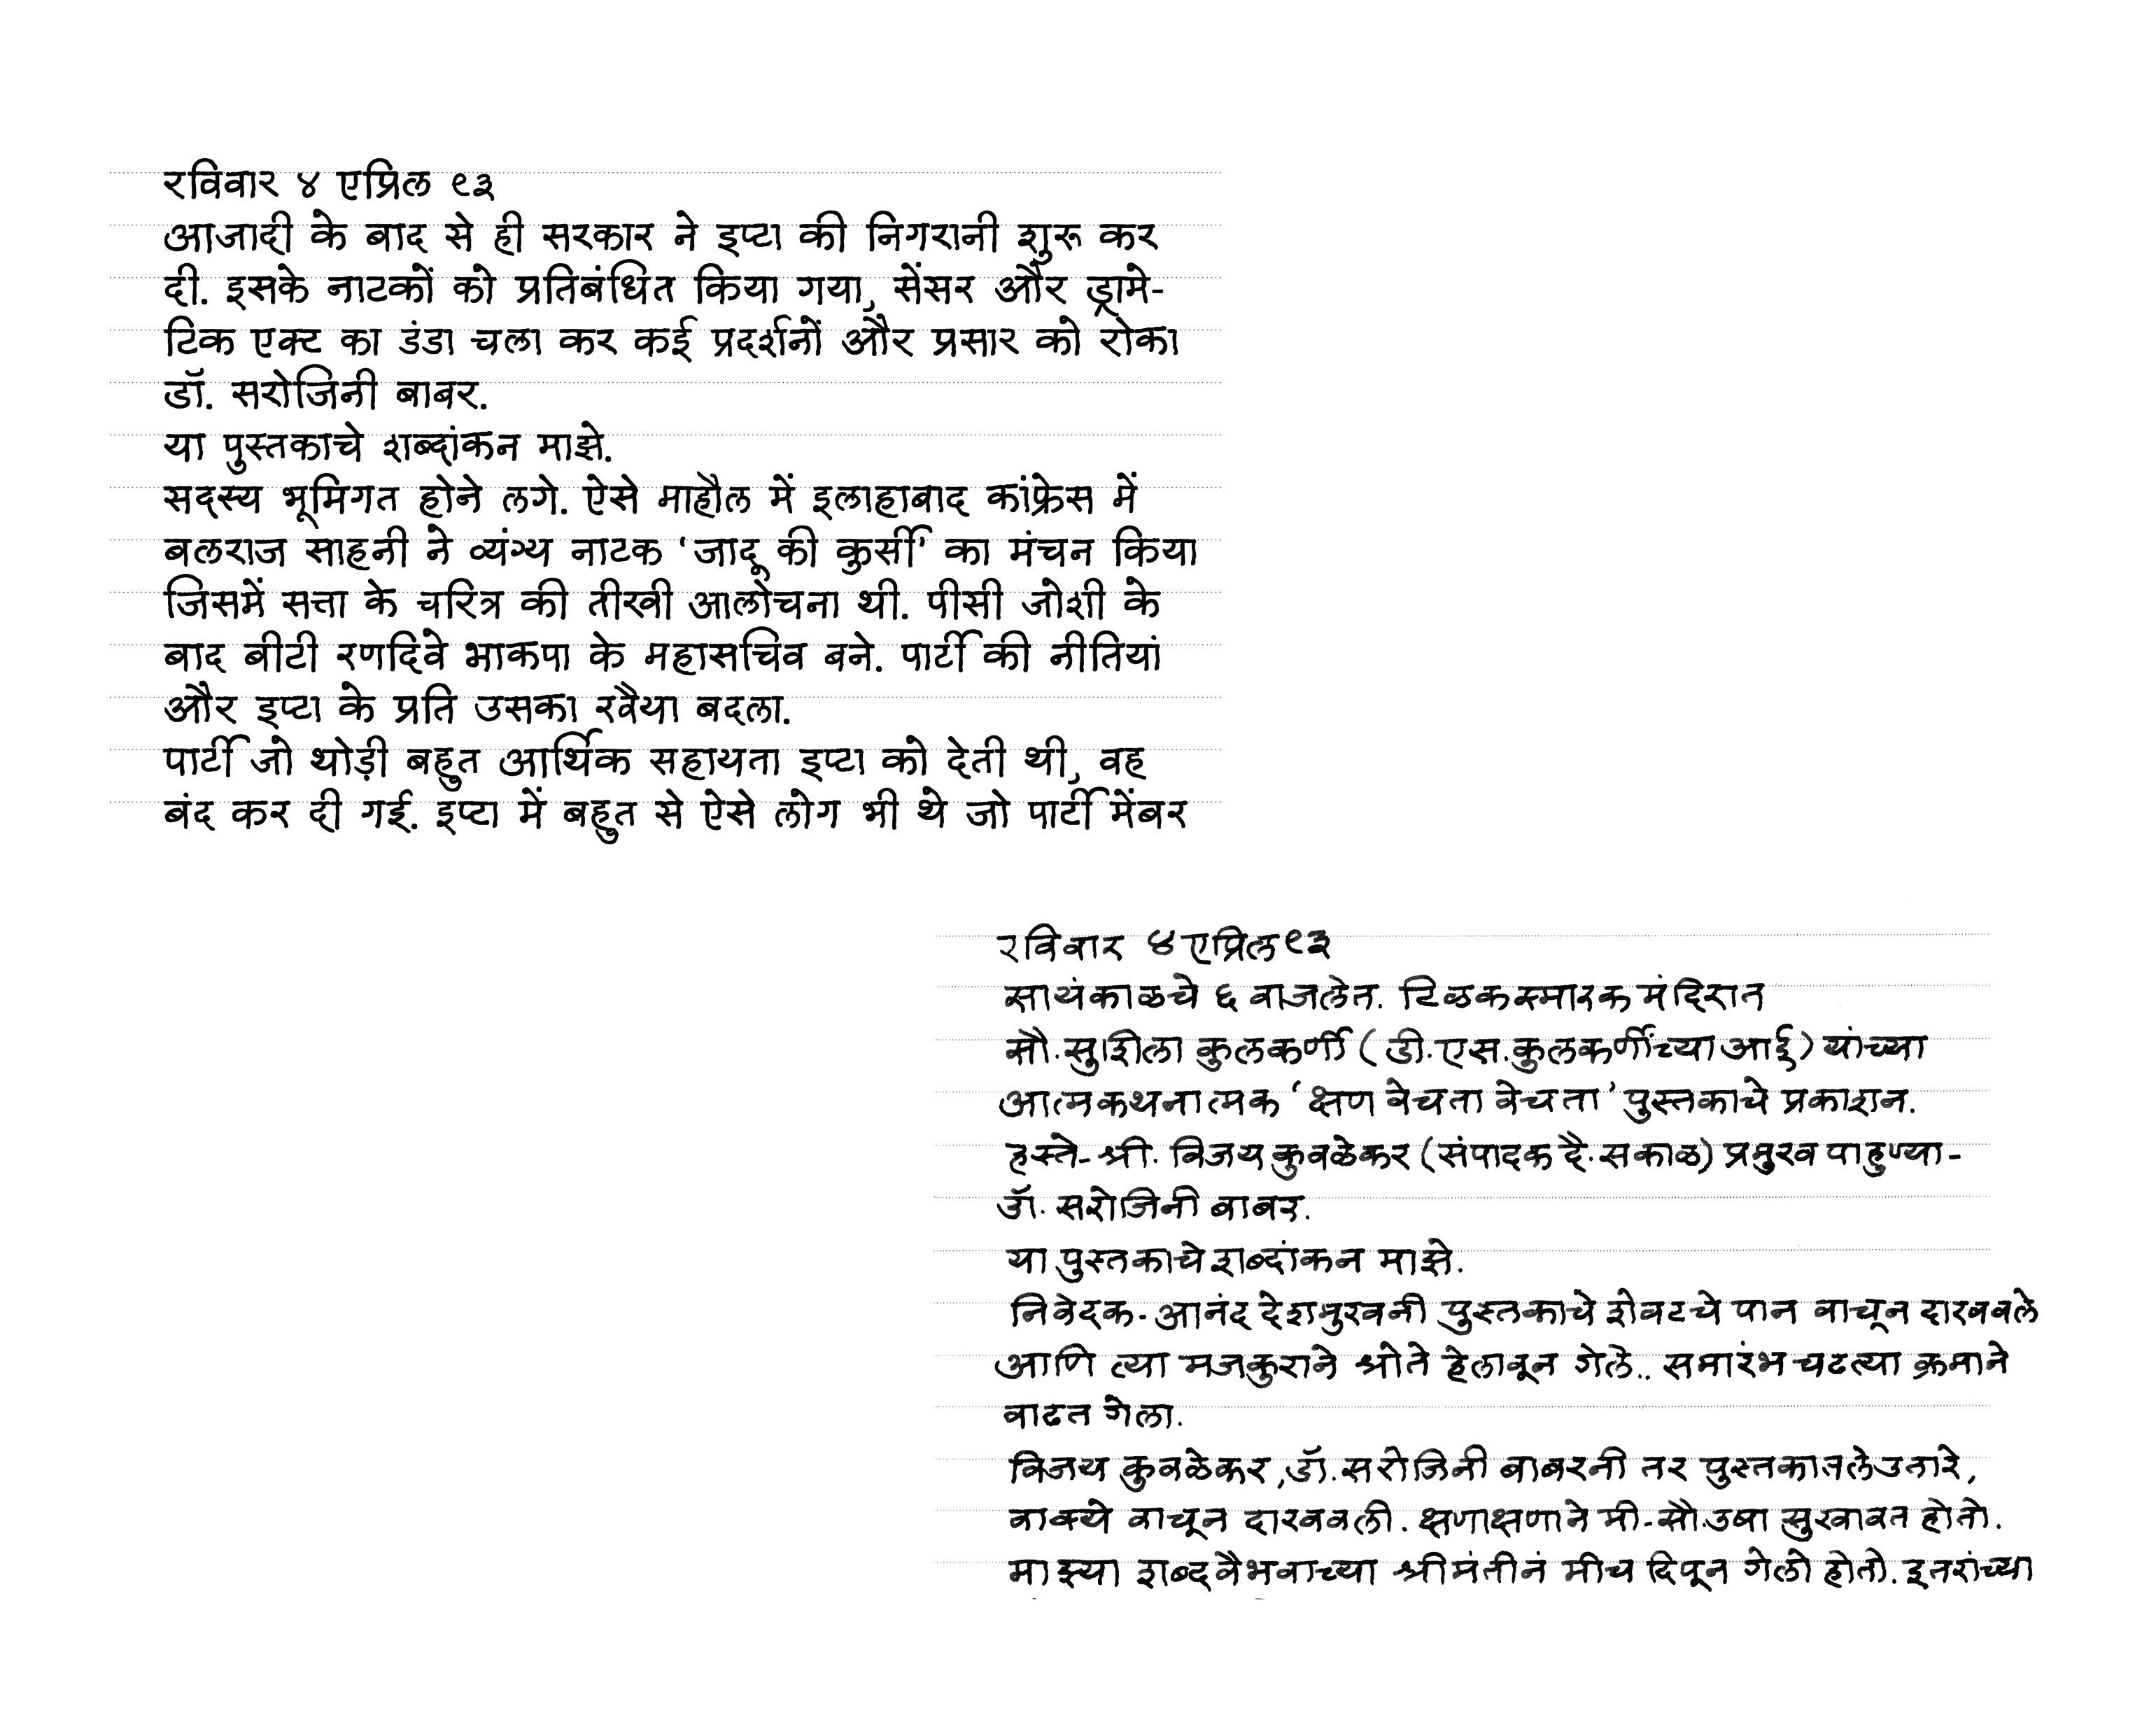 Design of a Handwritten Devanagari Typeface | Alphabettes